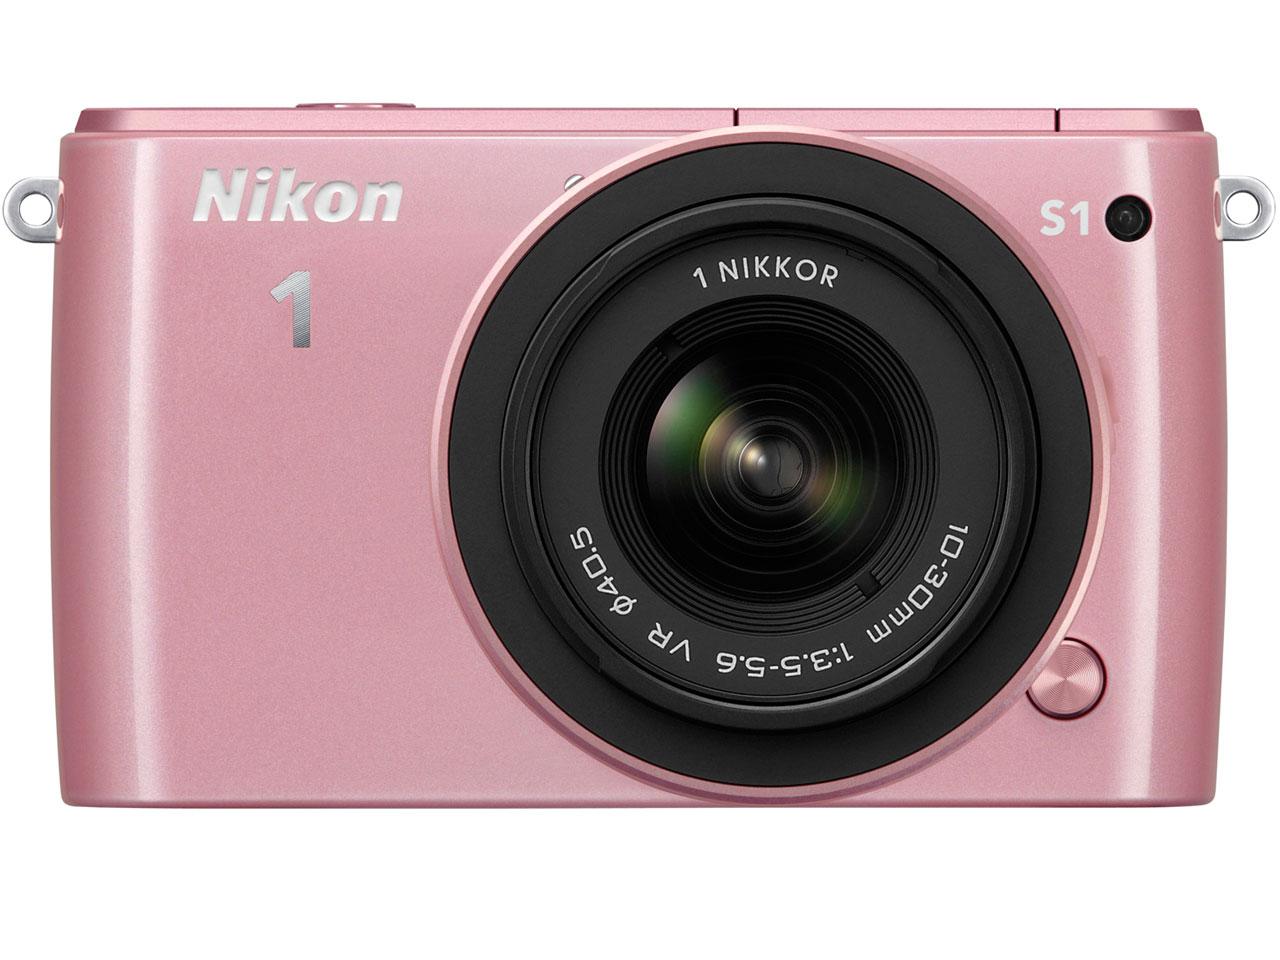 Nikon 1 S1 標準ズームレンズキット [ピンク] の製品画像